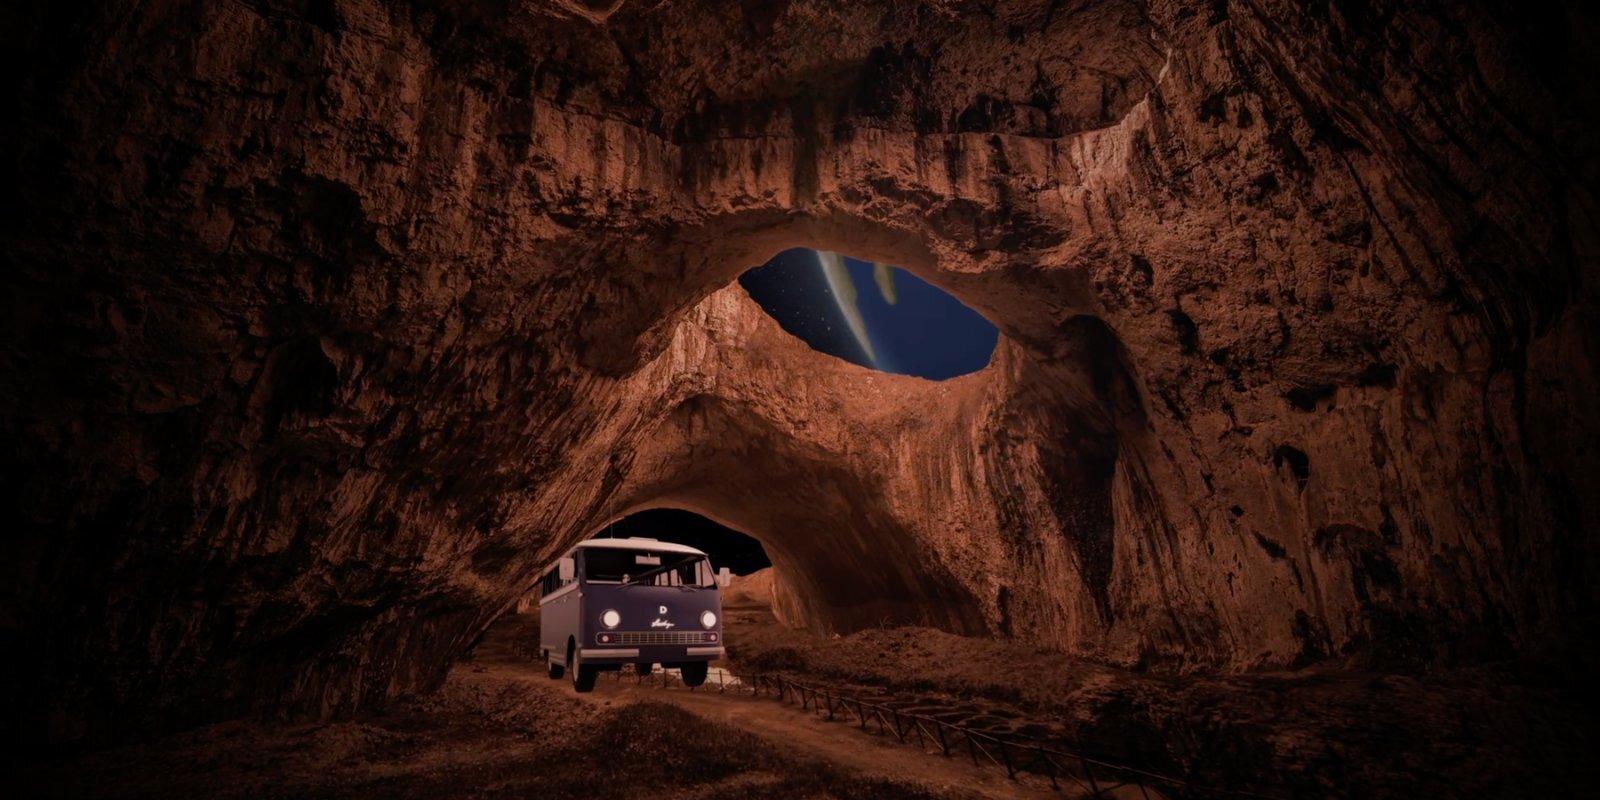 Земля 2.0. Назад в пещеры? Как мы будем выживать на Марсе